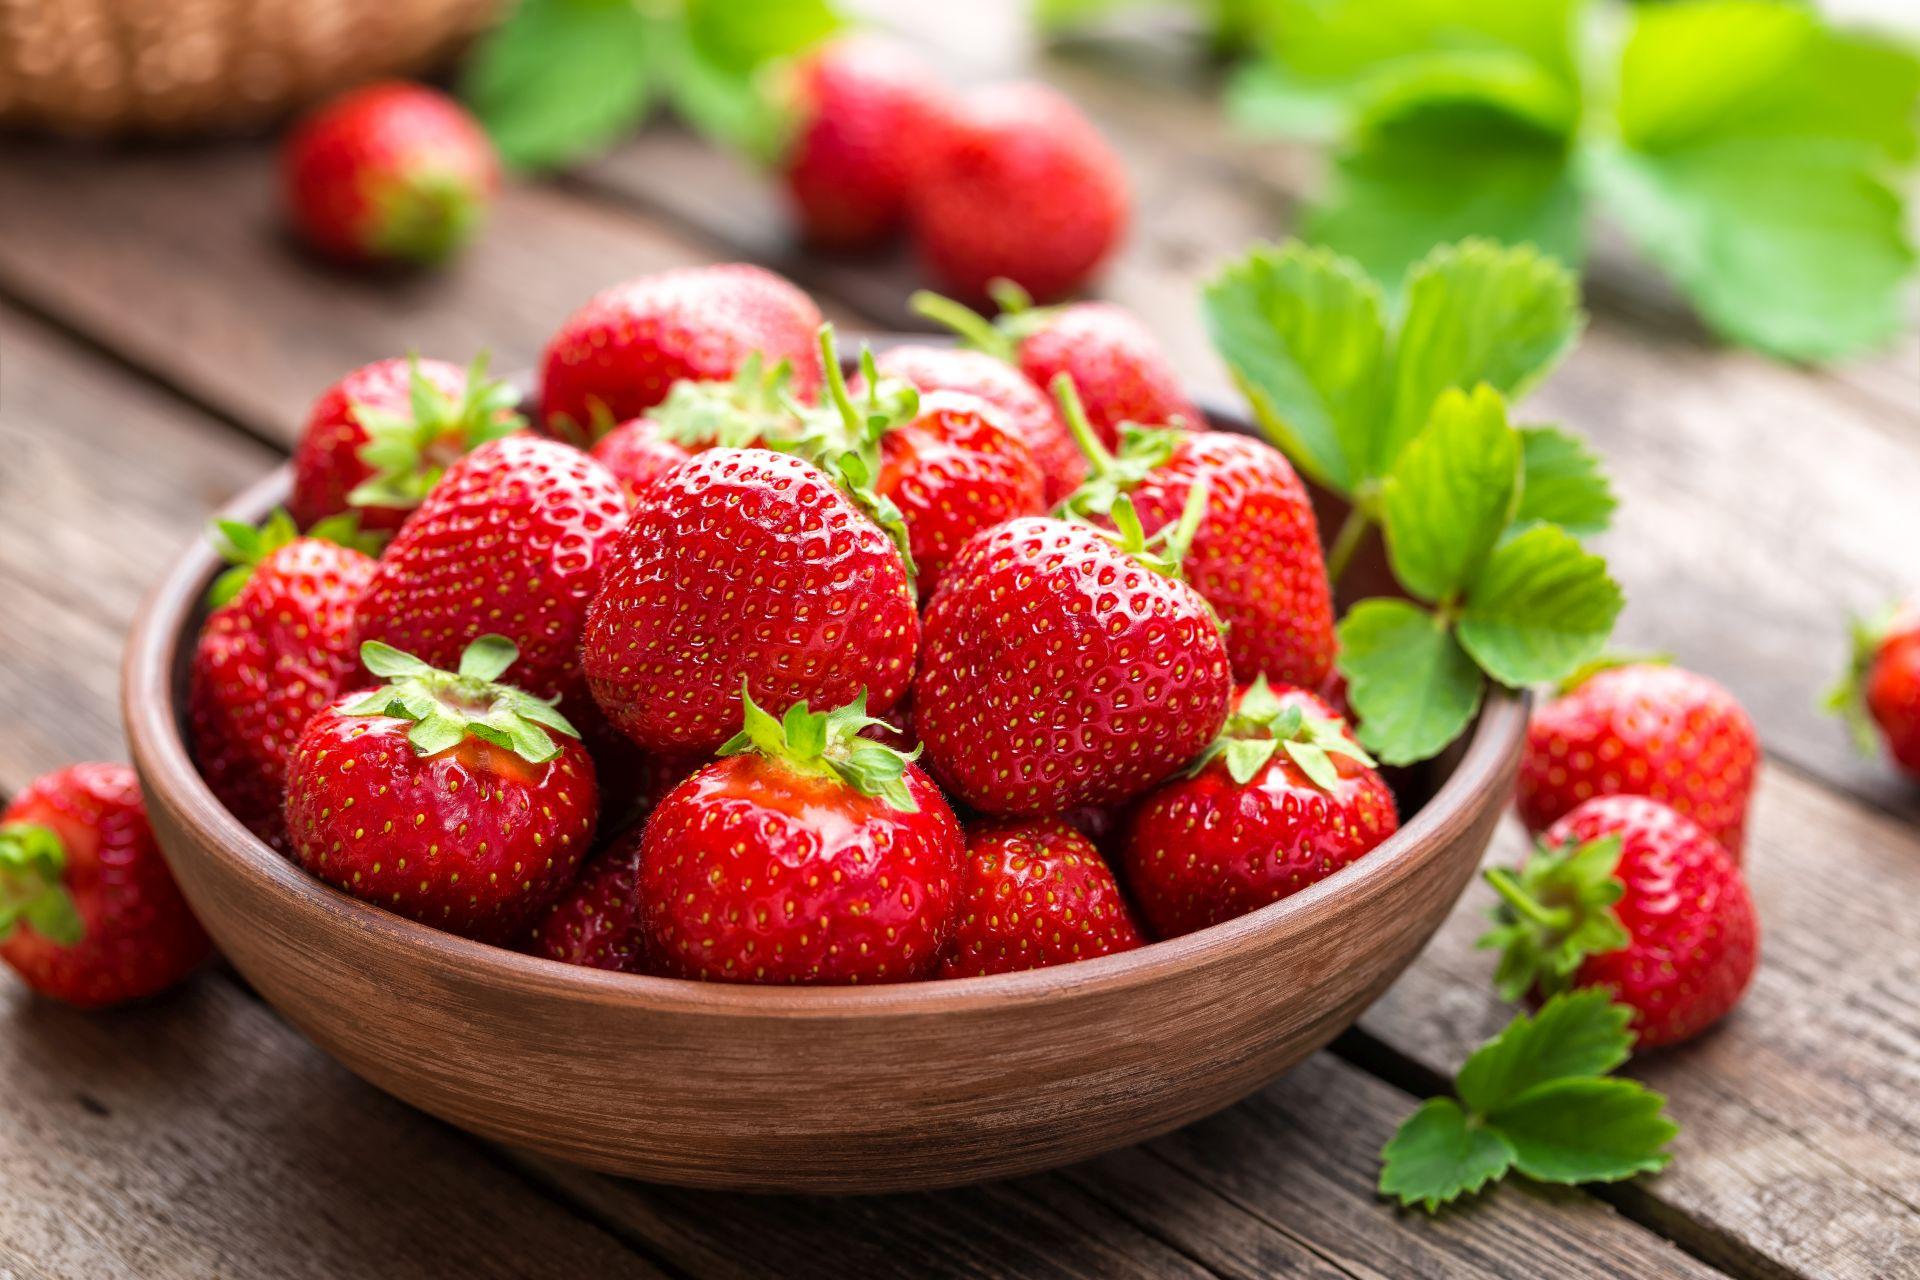 Sezon na truskawki - owoce pełne witaminy C i polifenoli, które wspomagają pracę serca, obniżanie cholesterolu i ryzyko chorób serca.